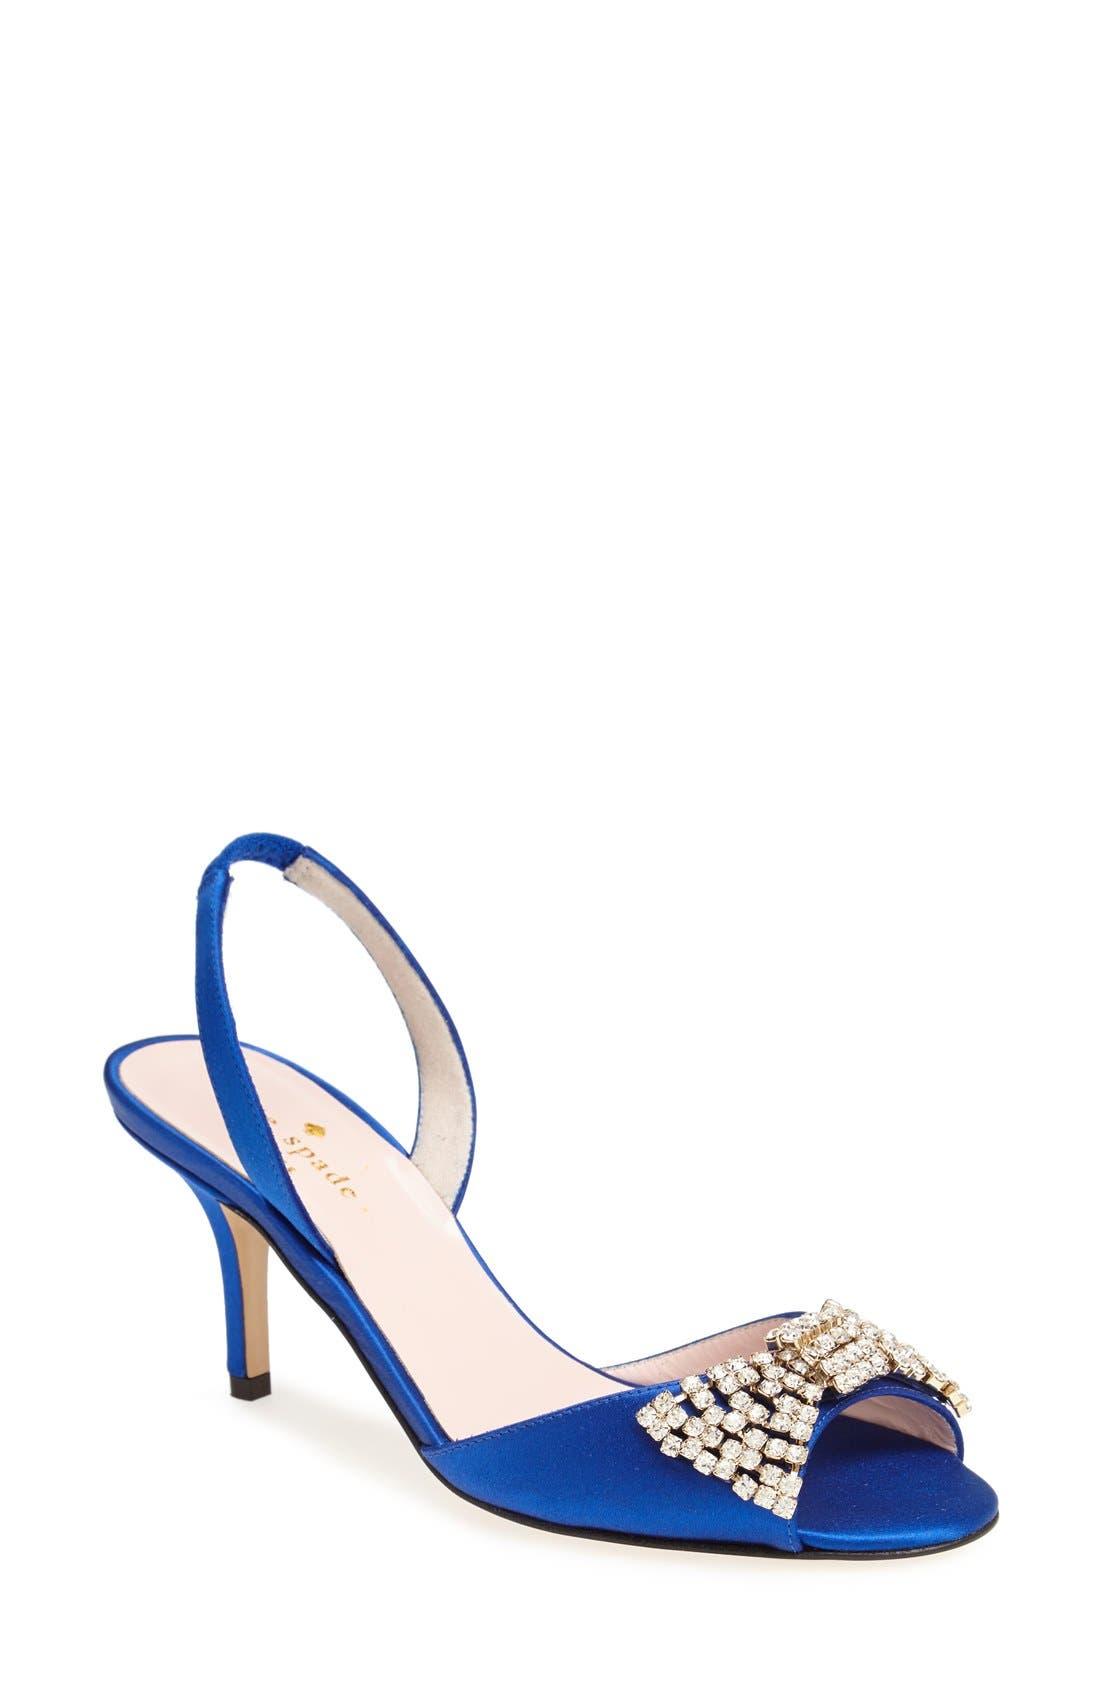 Main Image - kate spade new york 'miva' sandal (Women)